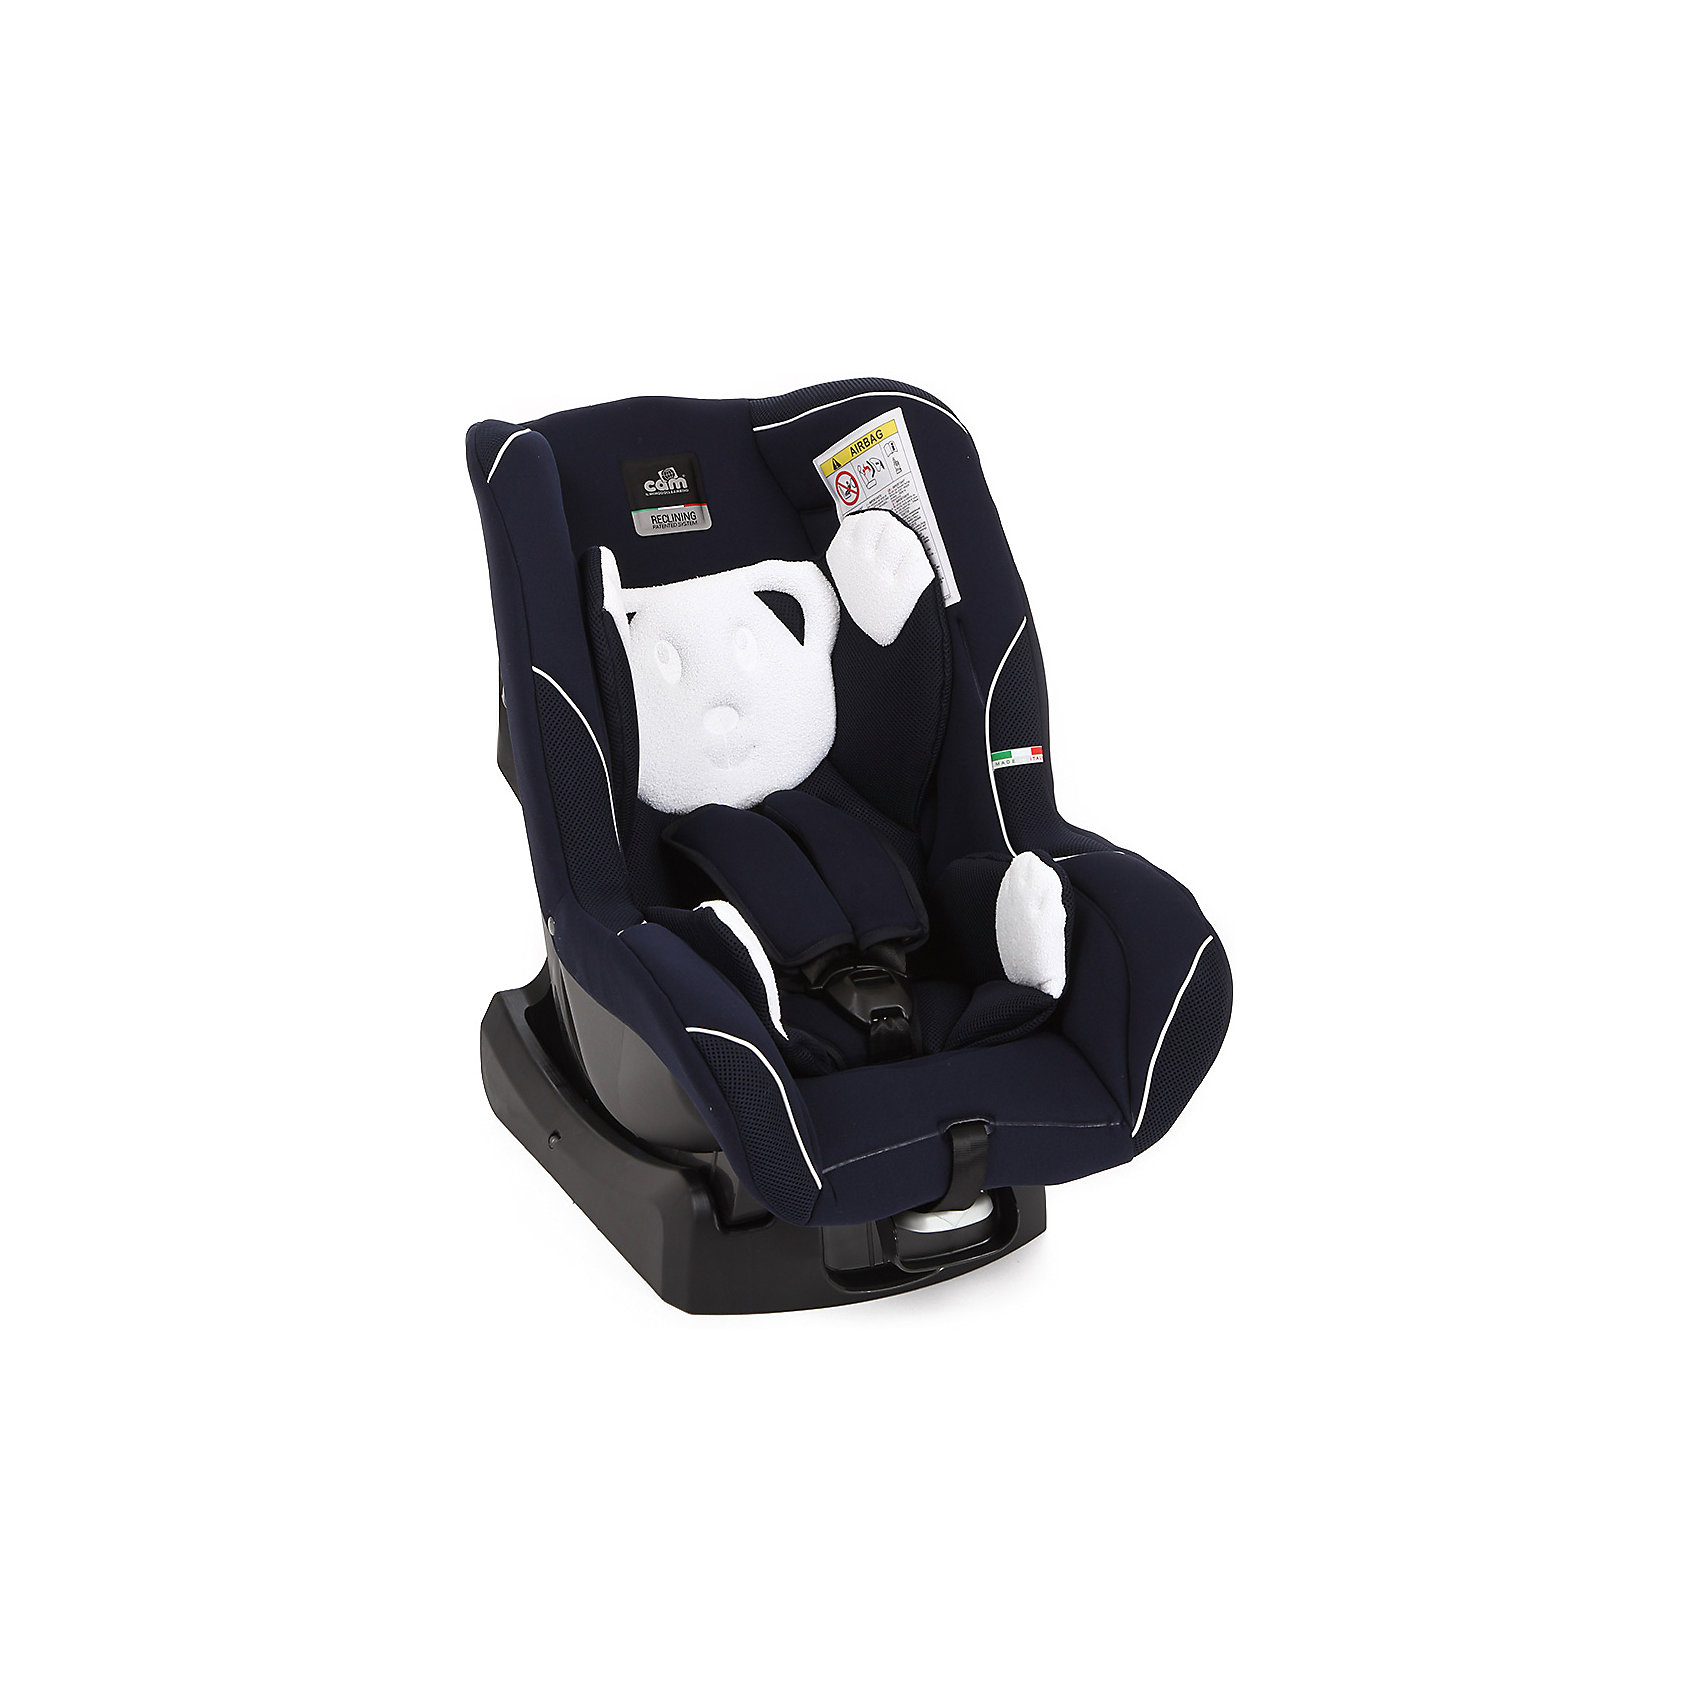 Автокресло CAM с подголовником Auto Gara, 0-18 кг, синийГруппа 0+, 1 (До 18 кг)<br>Автокресло Auto Gara (Авто Гара), 0-18 кг., от CAM (КАМ) - это прекрасный выбор для путешествий малыша с рождения до 3 лет. Благодаря удобным регулировкам кресло подстраивается под меняющиеся потребности растущего малыша. Для новорожденным предусмотрена анатомическая вставка и пять положений наклона спинки, которые обеспечат здоровый и комфортный сон. Подросший малыш будет так же хорошо защищен в кресле благодаря усиленной боковой защите и удобному подголовнику. Вы можете без труда отрегулировать пятиточечные ремни кресла по высоте, чтобы обеспечить высочайший уровень безопасности ребенку любого роста. Не бойтесь испачкать сиденье, чехол из технологичной ткани легко стирается и кресло снова выглядит как новое. Кресло легко установить в машине и закрепить штатными ремнями безопасности: до 9 месяцев против хода движения, послед 9 месяцев по ходу движения автомобиля.<br><br>Дополнительная информация:<br><br>- Группа: 0/1 (от 0 до 18 кг);<br>- Соответствует европейским нормам безопасности ECE R44/04;<br>- Усиленная боковая защита;<br>- Вкладыш для новорожденных;<br>- Пять положений наклона спинки;<br>- Удобный подголовник;<br>- Надежные пятиточечные ремни безопасности;<br>- Регулировка ремней одним движением;<br>- Устанавливается в автомобиле спиной по направлению движения до 9 мес, и по направлению движения после 9 мес;<br>- Съемную обивку можно стирать;<br>- Цвет: синий;<br>- Размер: 64 х 59 х 41 см;<br>- Вес: 5,5 кг<br><br>Автокресло Auto Gara (Авто Гара) , 0-18 кг., CAM (КАМ), синее можно купить в нашем интернет-магазине.<br><br>Ширина мм: 900<br>Глубина мм: 600<br>Высота мм: 420<br>Вес г: 5580<br>Цвет: синий<br>Возраст от месяцев: 0<br>Возраст до месяцев: 48<br>Пол: Унисекс<br>Возраст: Детский<br>SKU: 4026334